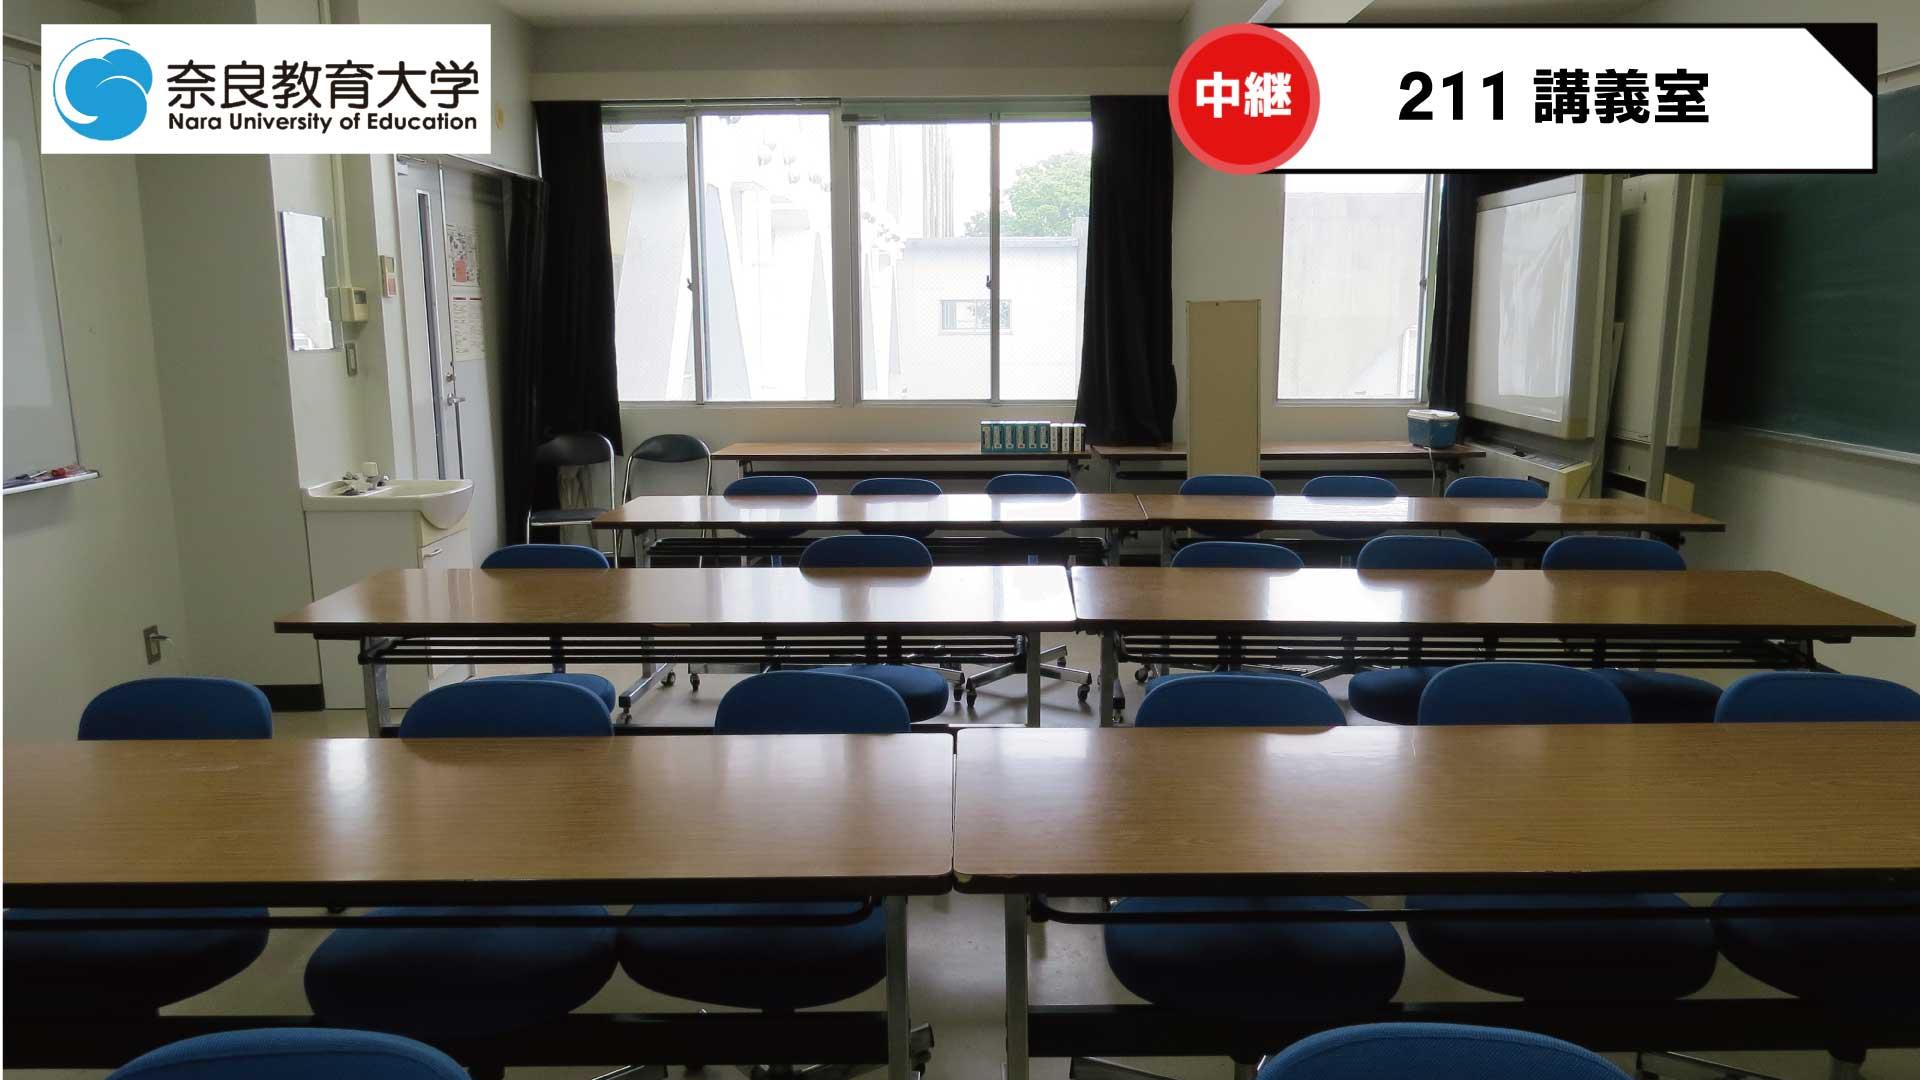 211講義室.jpg